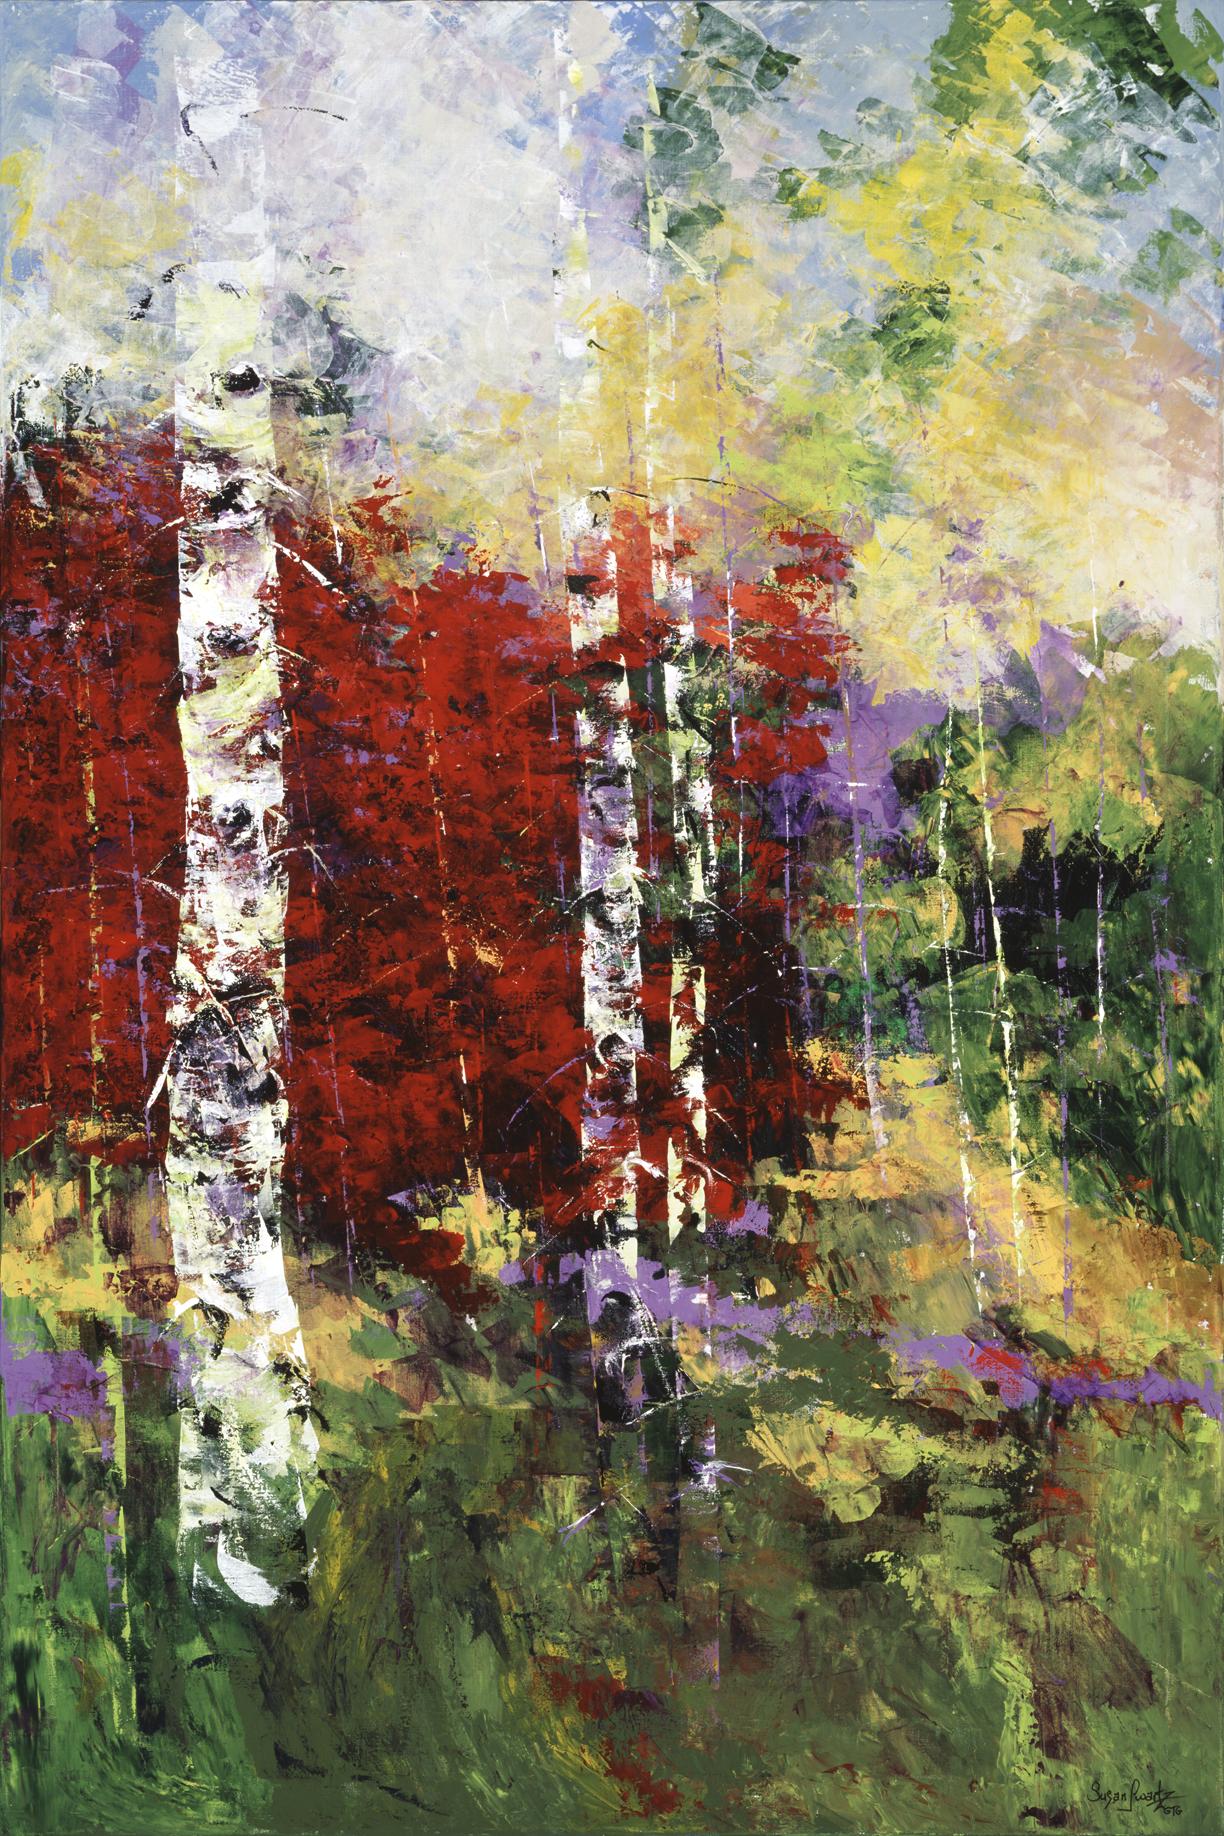 Autumn's Bounty III 48 x 72